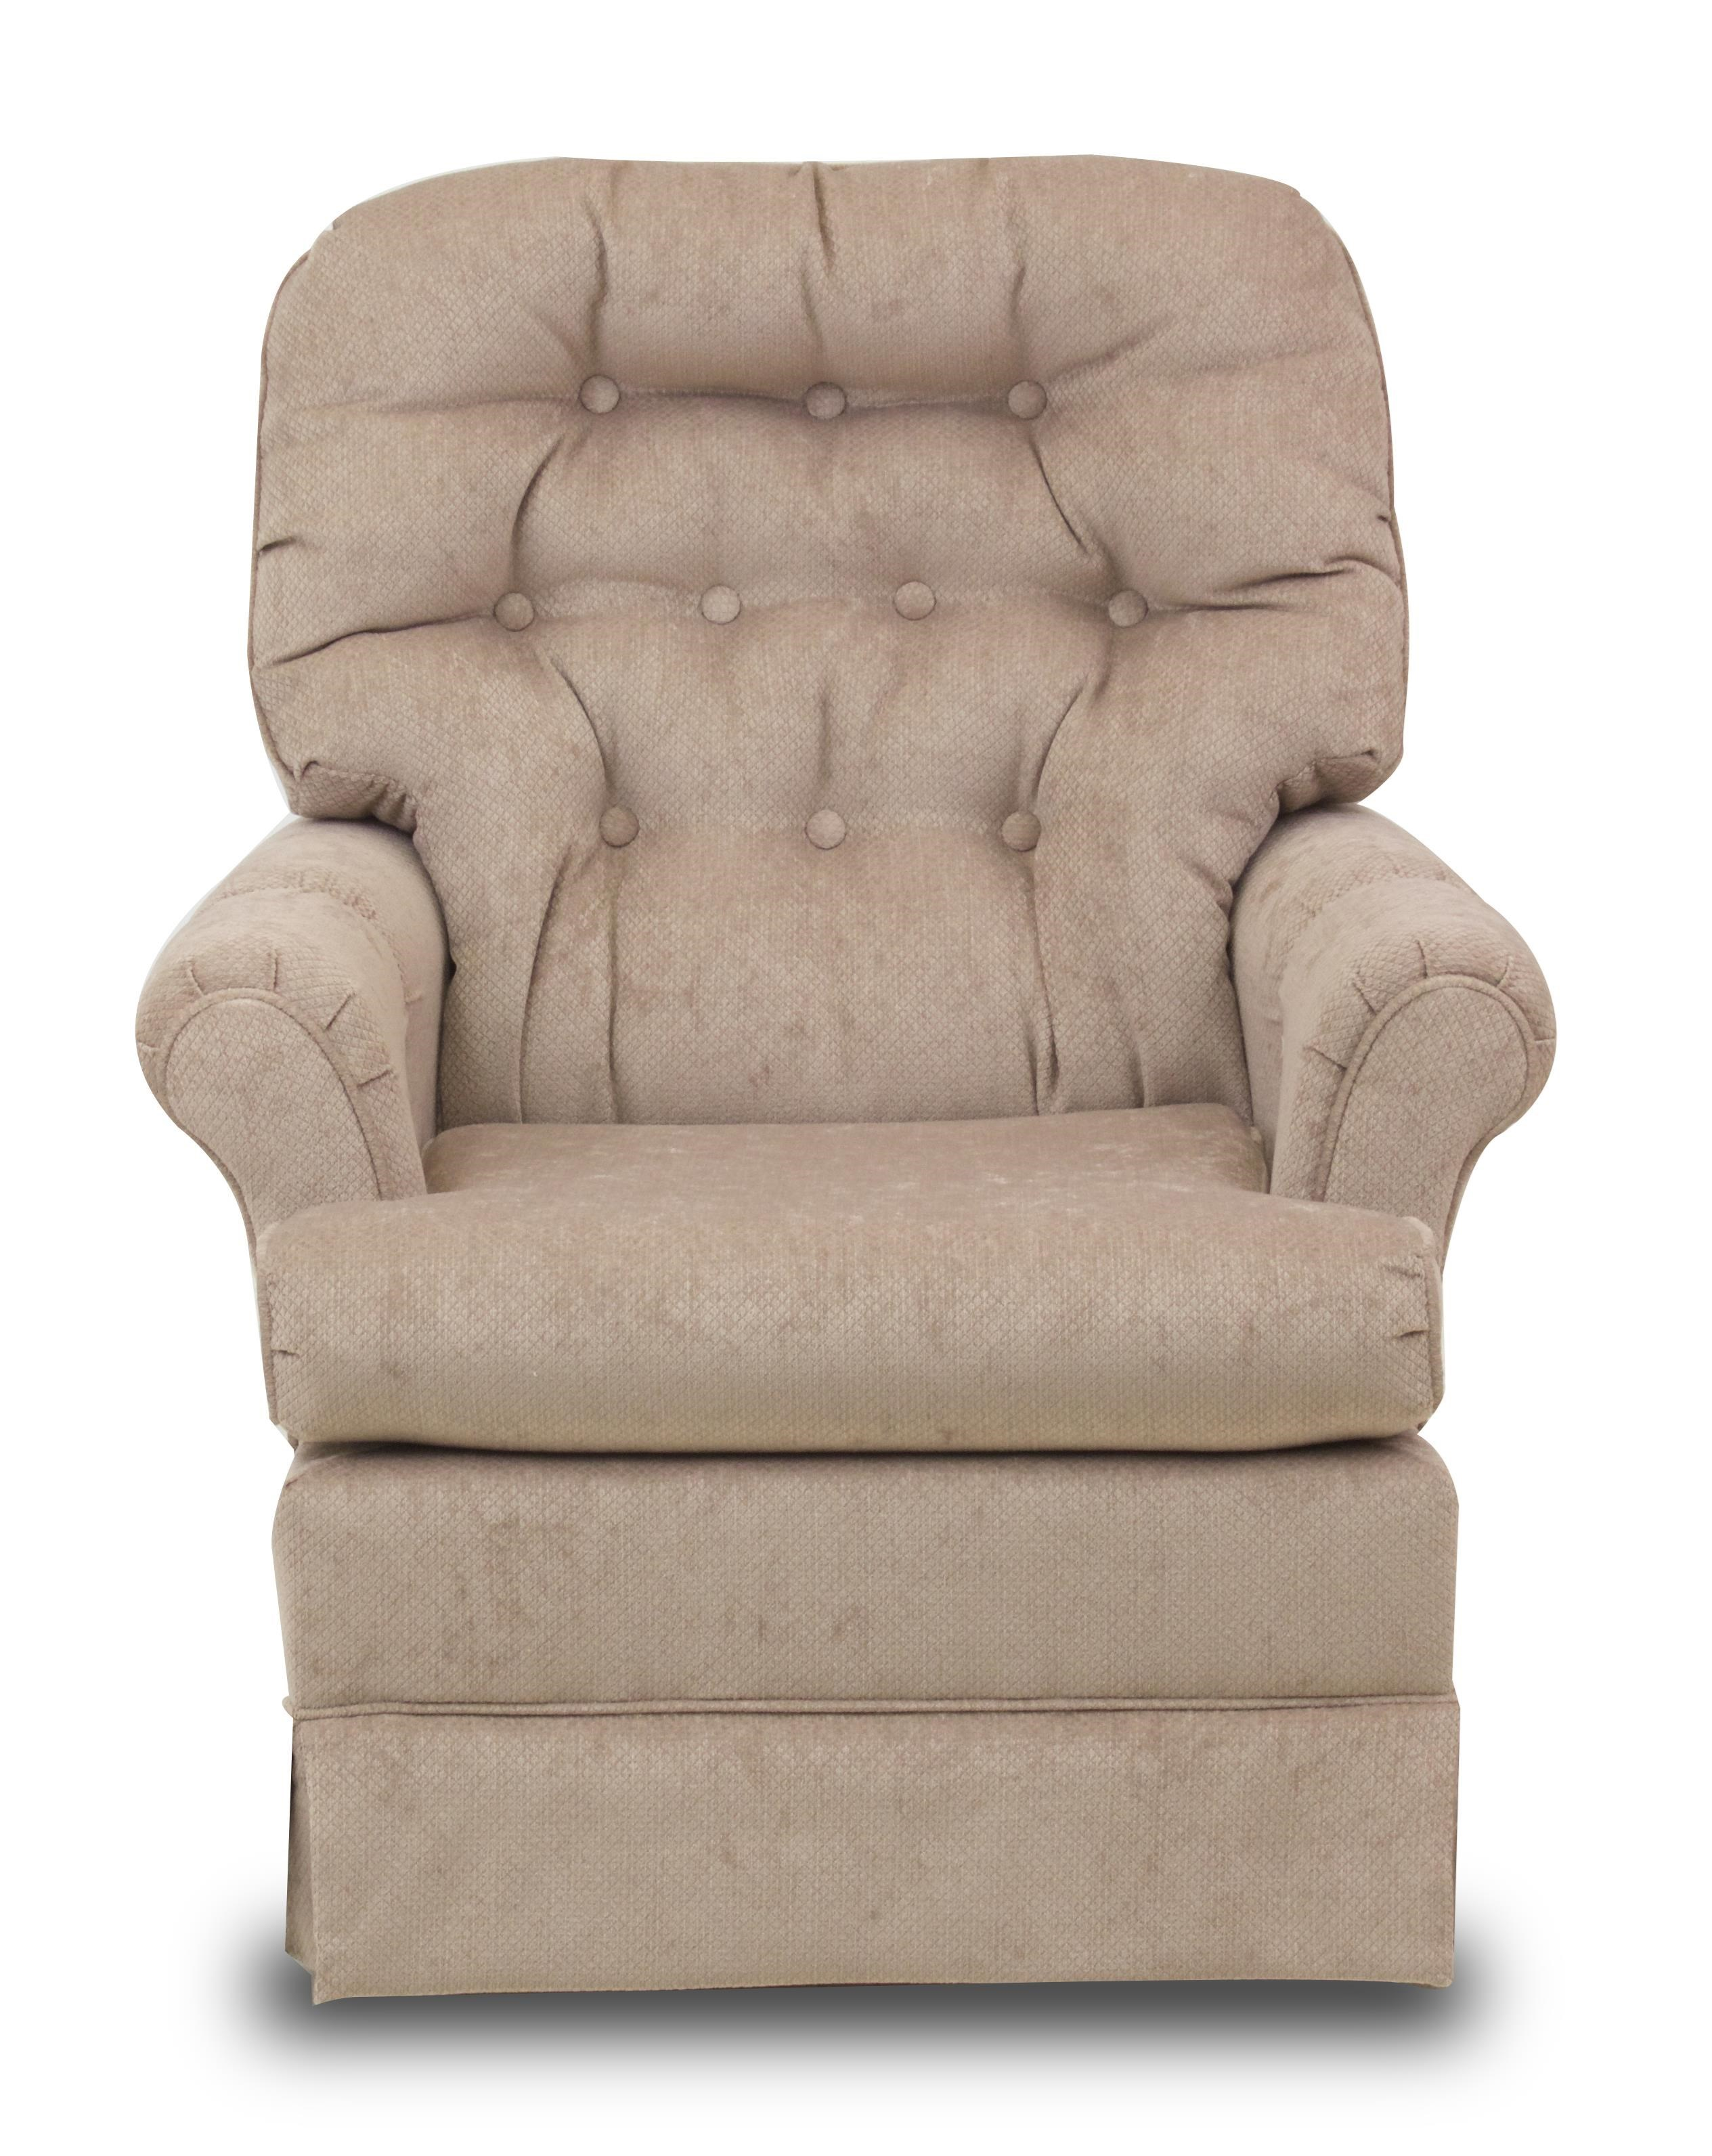 Best Home Furnishings Swivel Glide ChairsMarla Swivel Rocker Chair ...